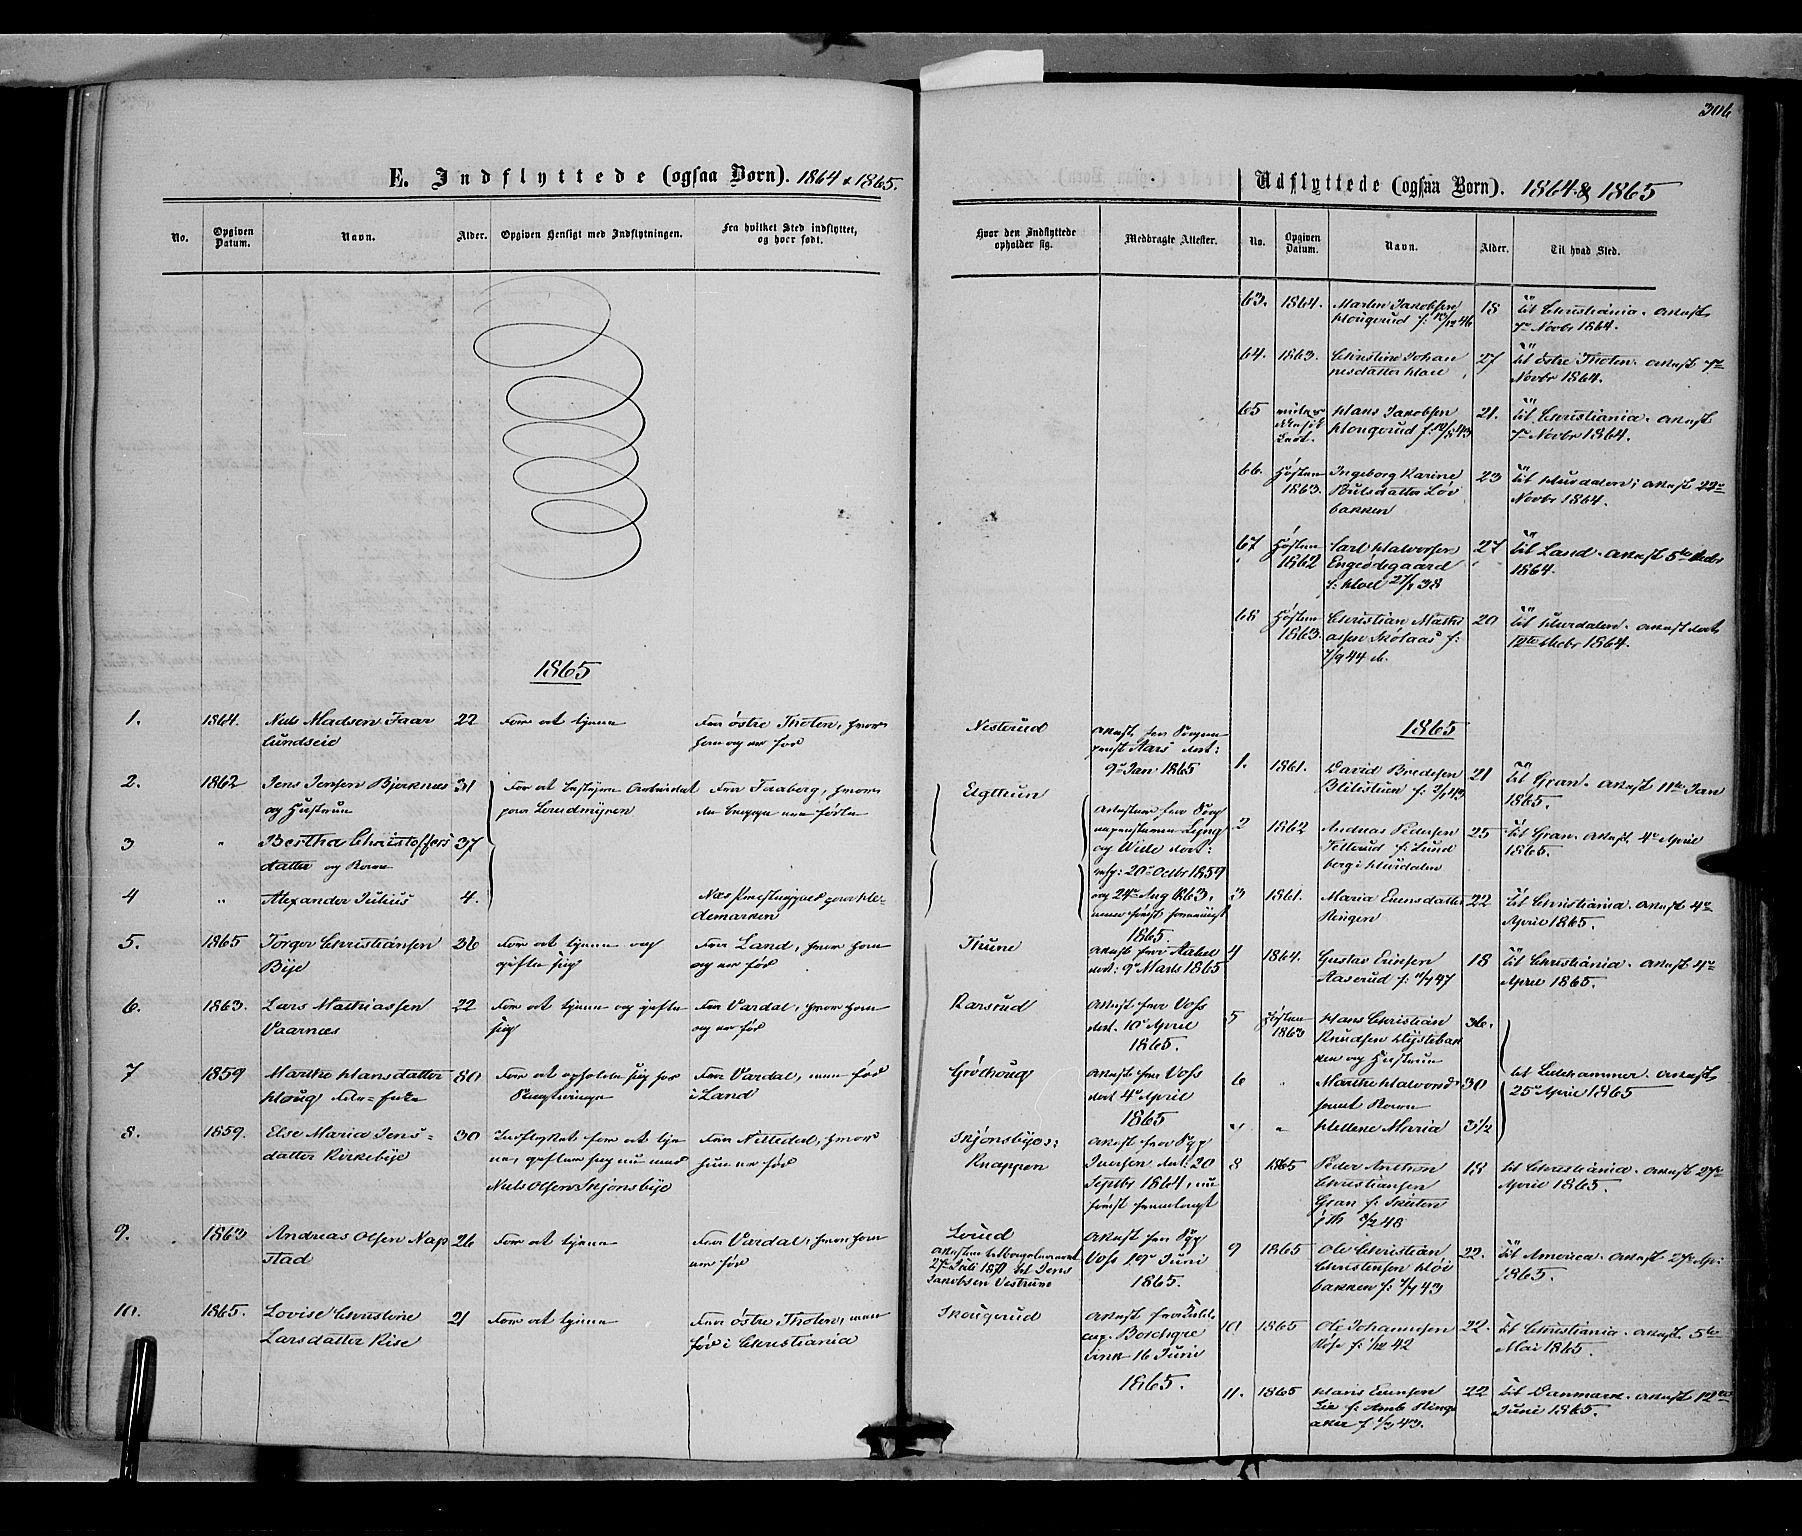 SAH, Vestre Toten prestekontor, Ministerialbok nr. 7, 1862-1869, s. 306